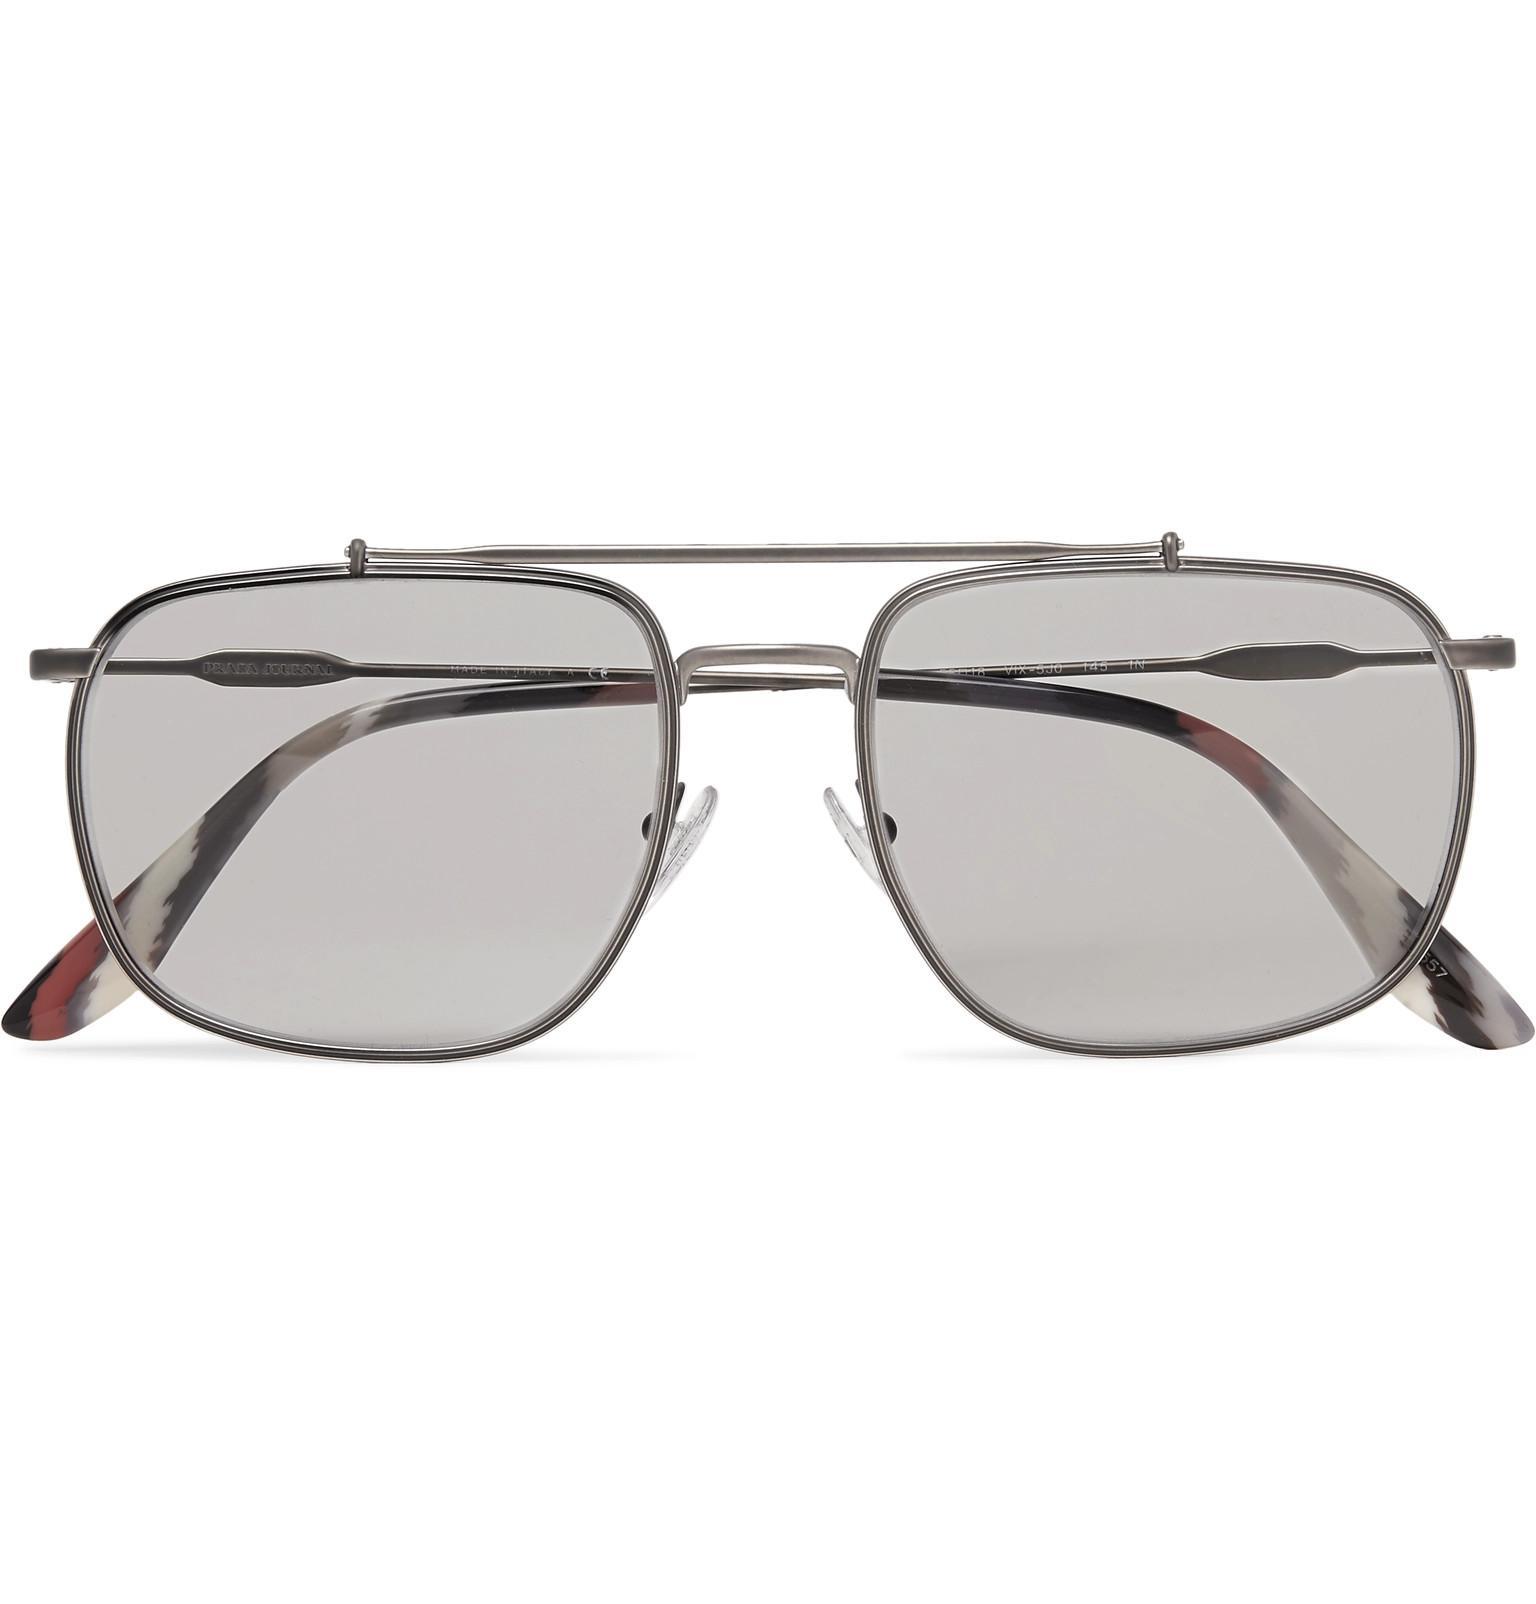 f70e9f8a16 Lyst - Prada Aviator-style Gunmetal-tone Sunglasses in Gray for Men